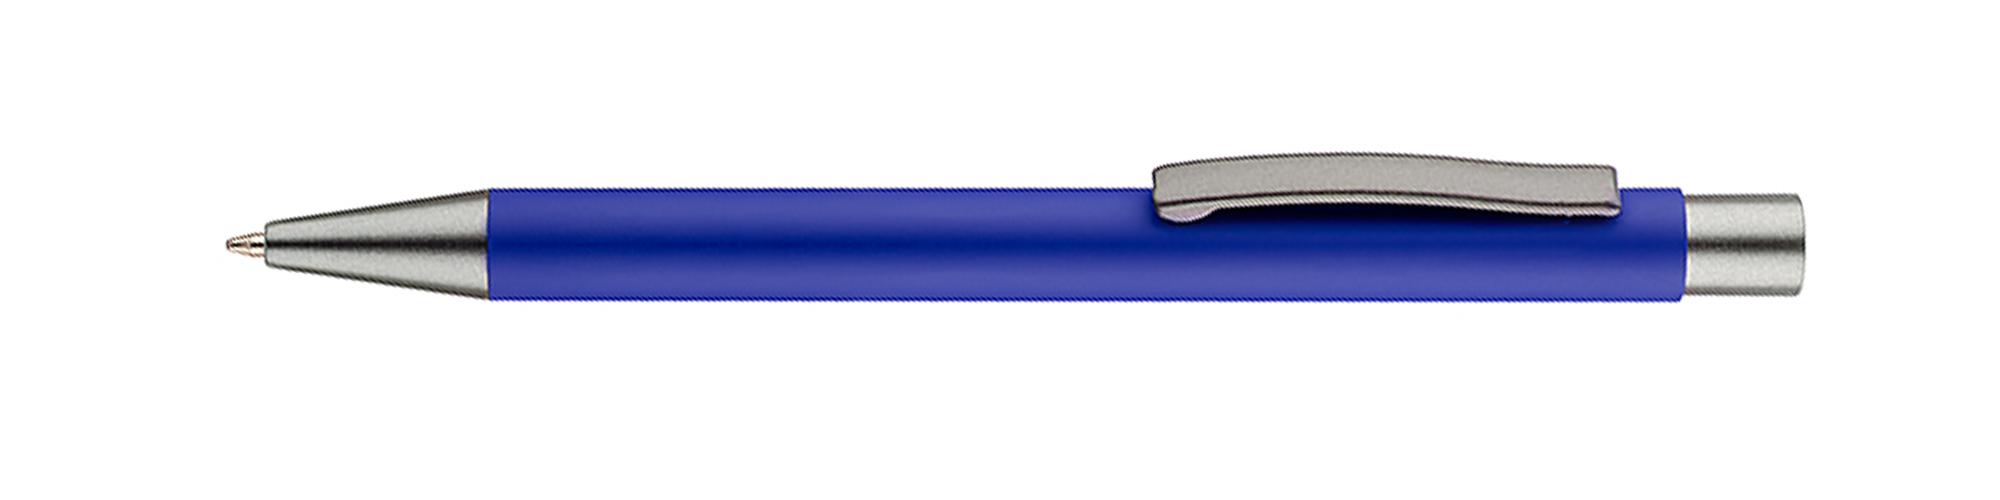 Metalowe długopisy reklamowe – 19617